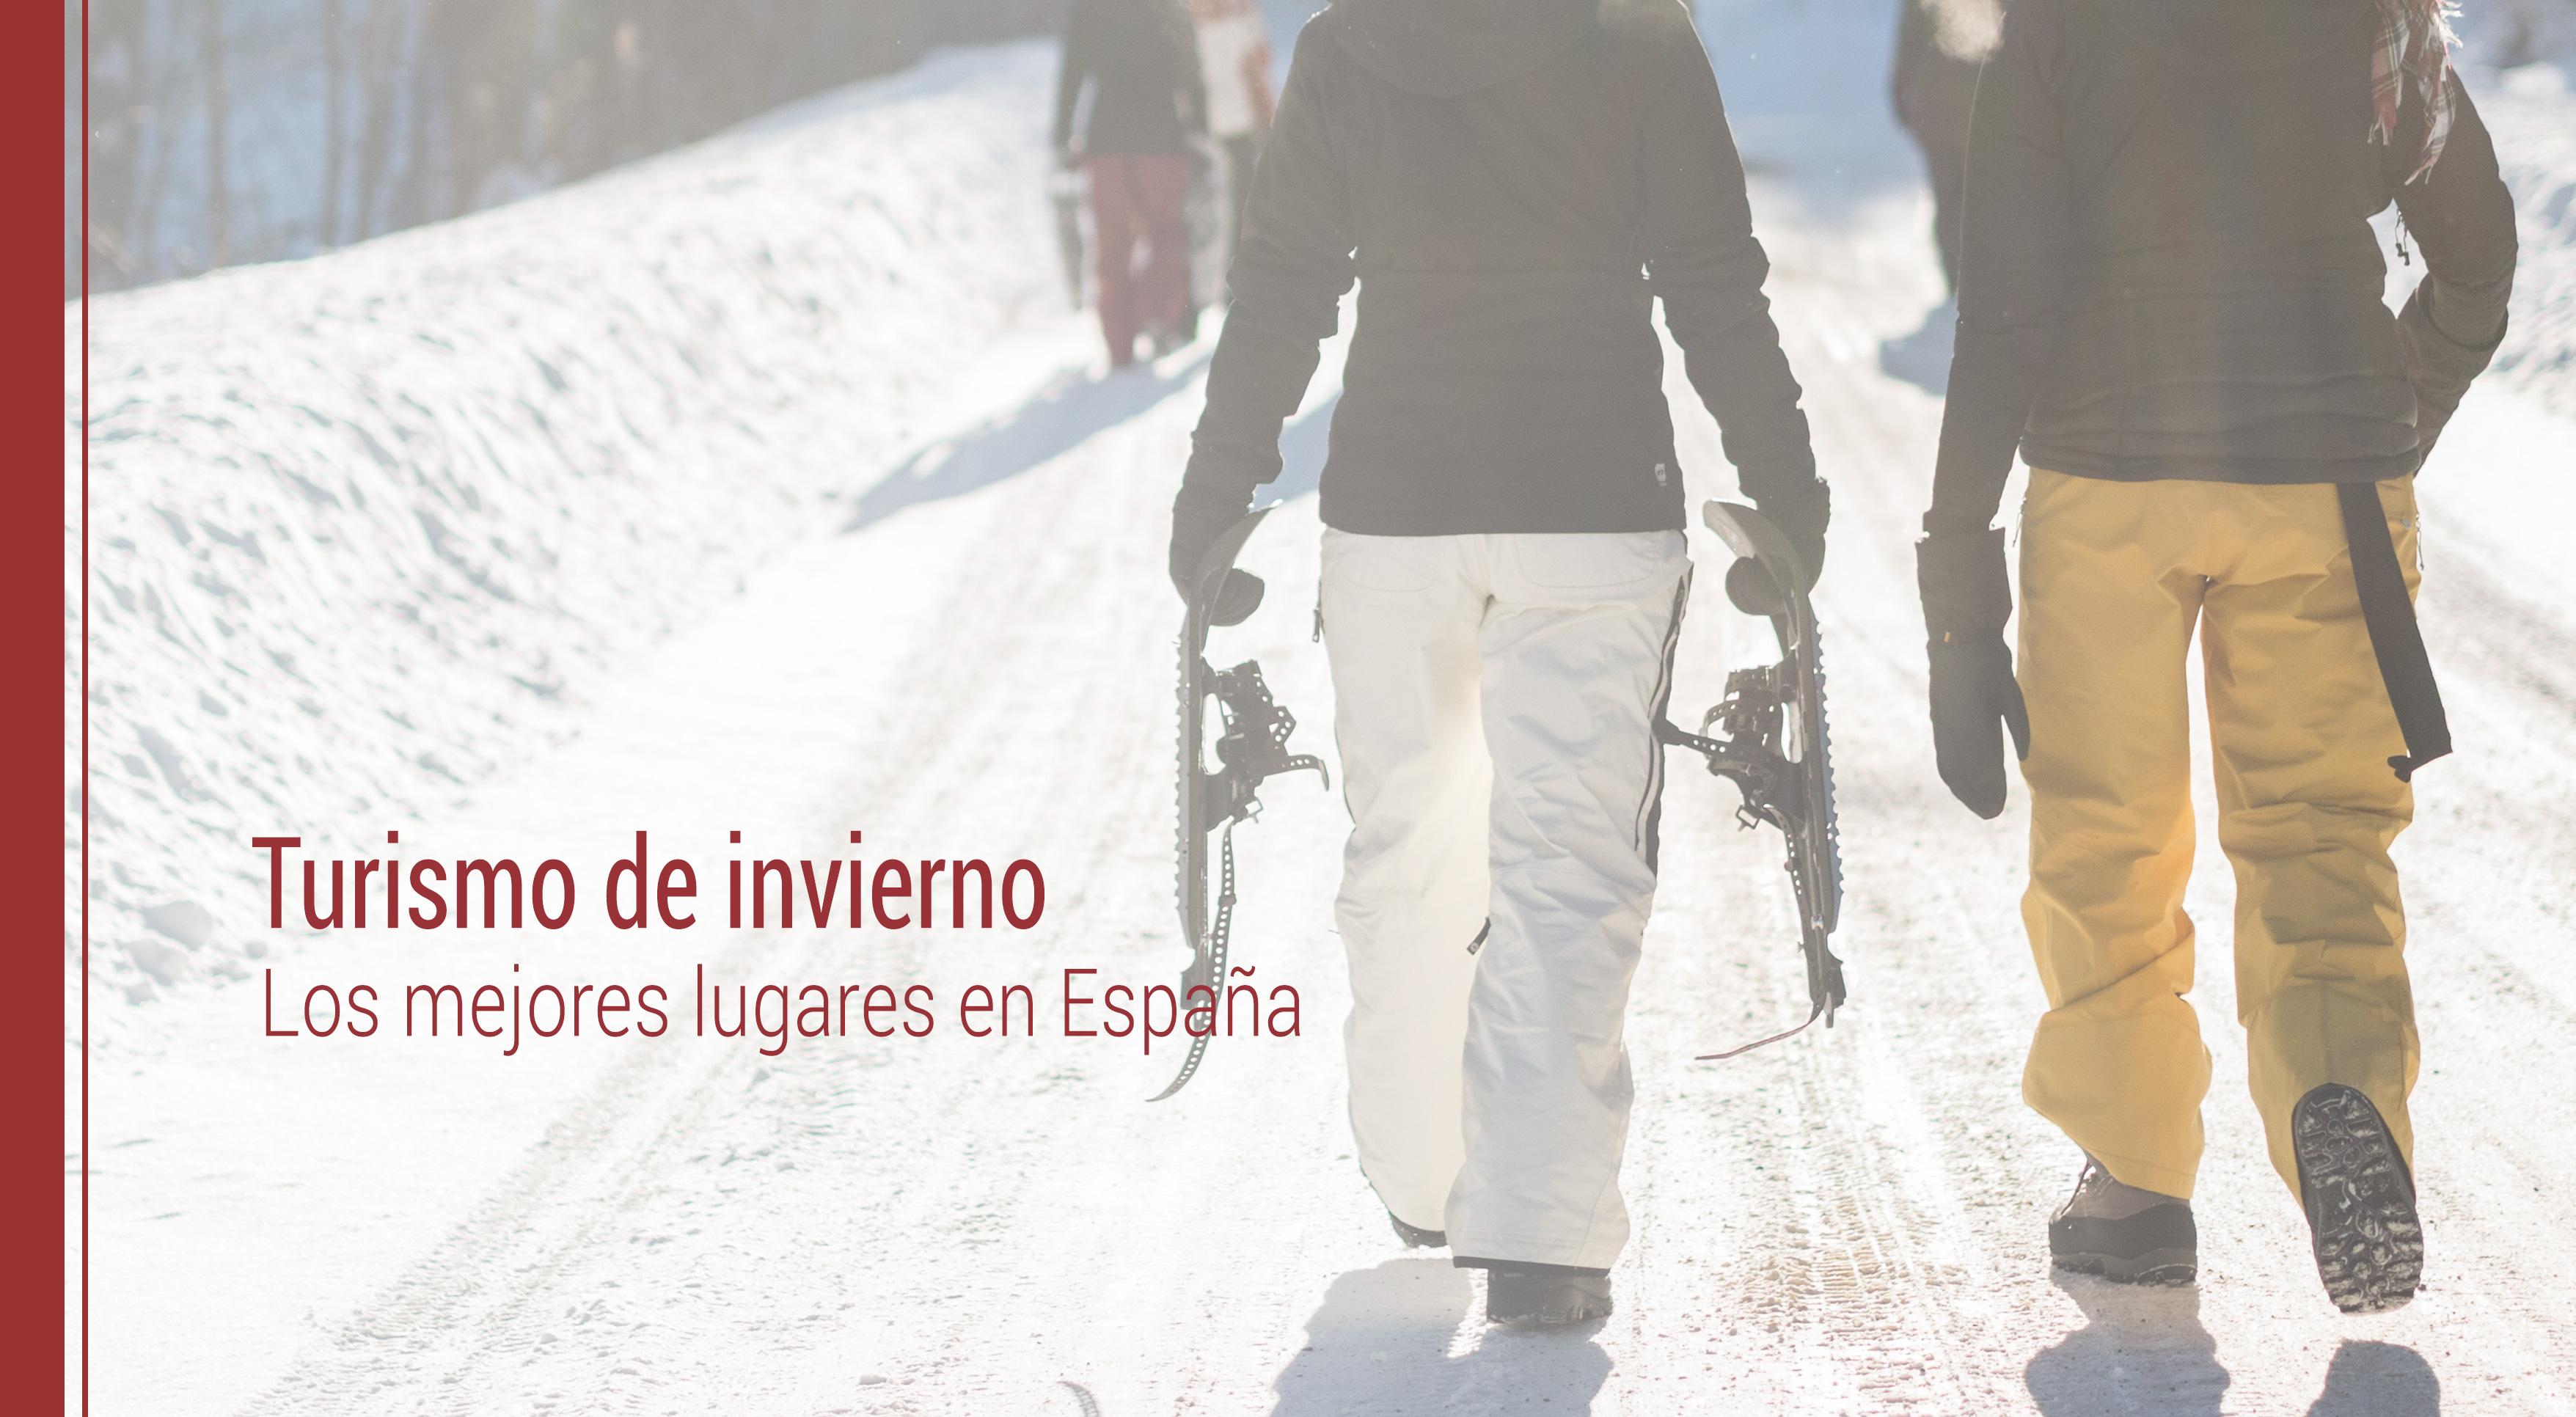 lugares-turismo-de-invierno-en-espana Los mejores lugares para hacer turismo de invierno en España